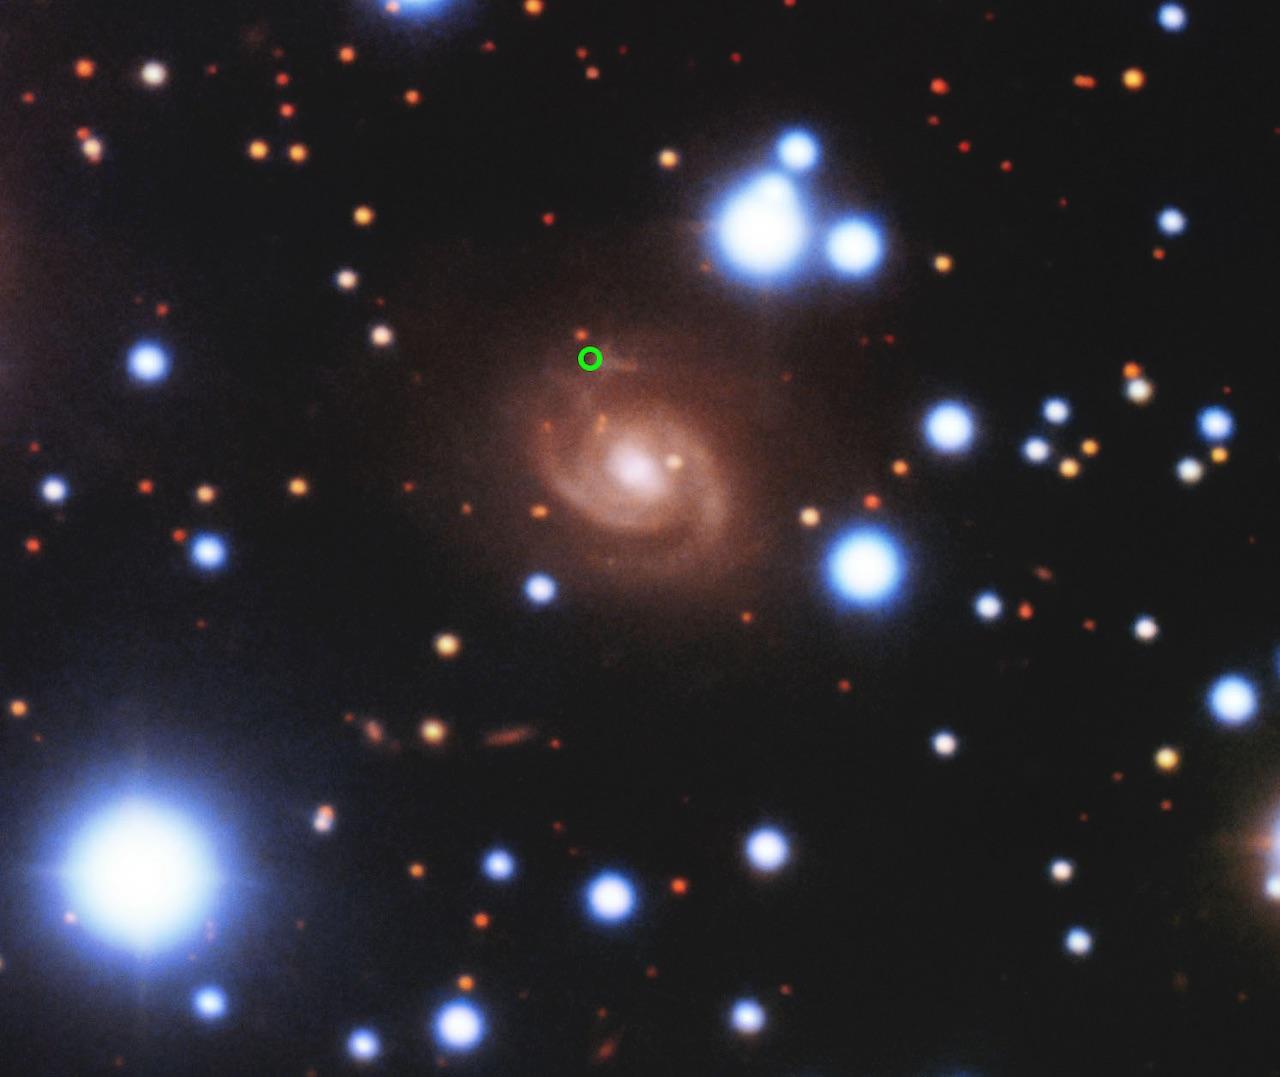 ღრმა კოსმოსიდან მომდინარე იდუმალ, უმძლავრეს რადიოსიგნალს 16-დღიანი ციკლი აქვს — ახალი კვლევა